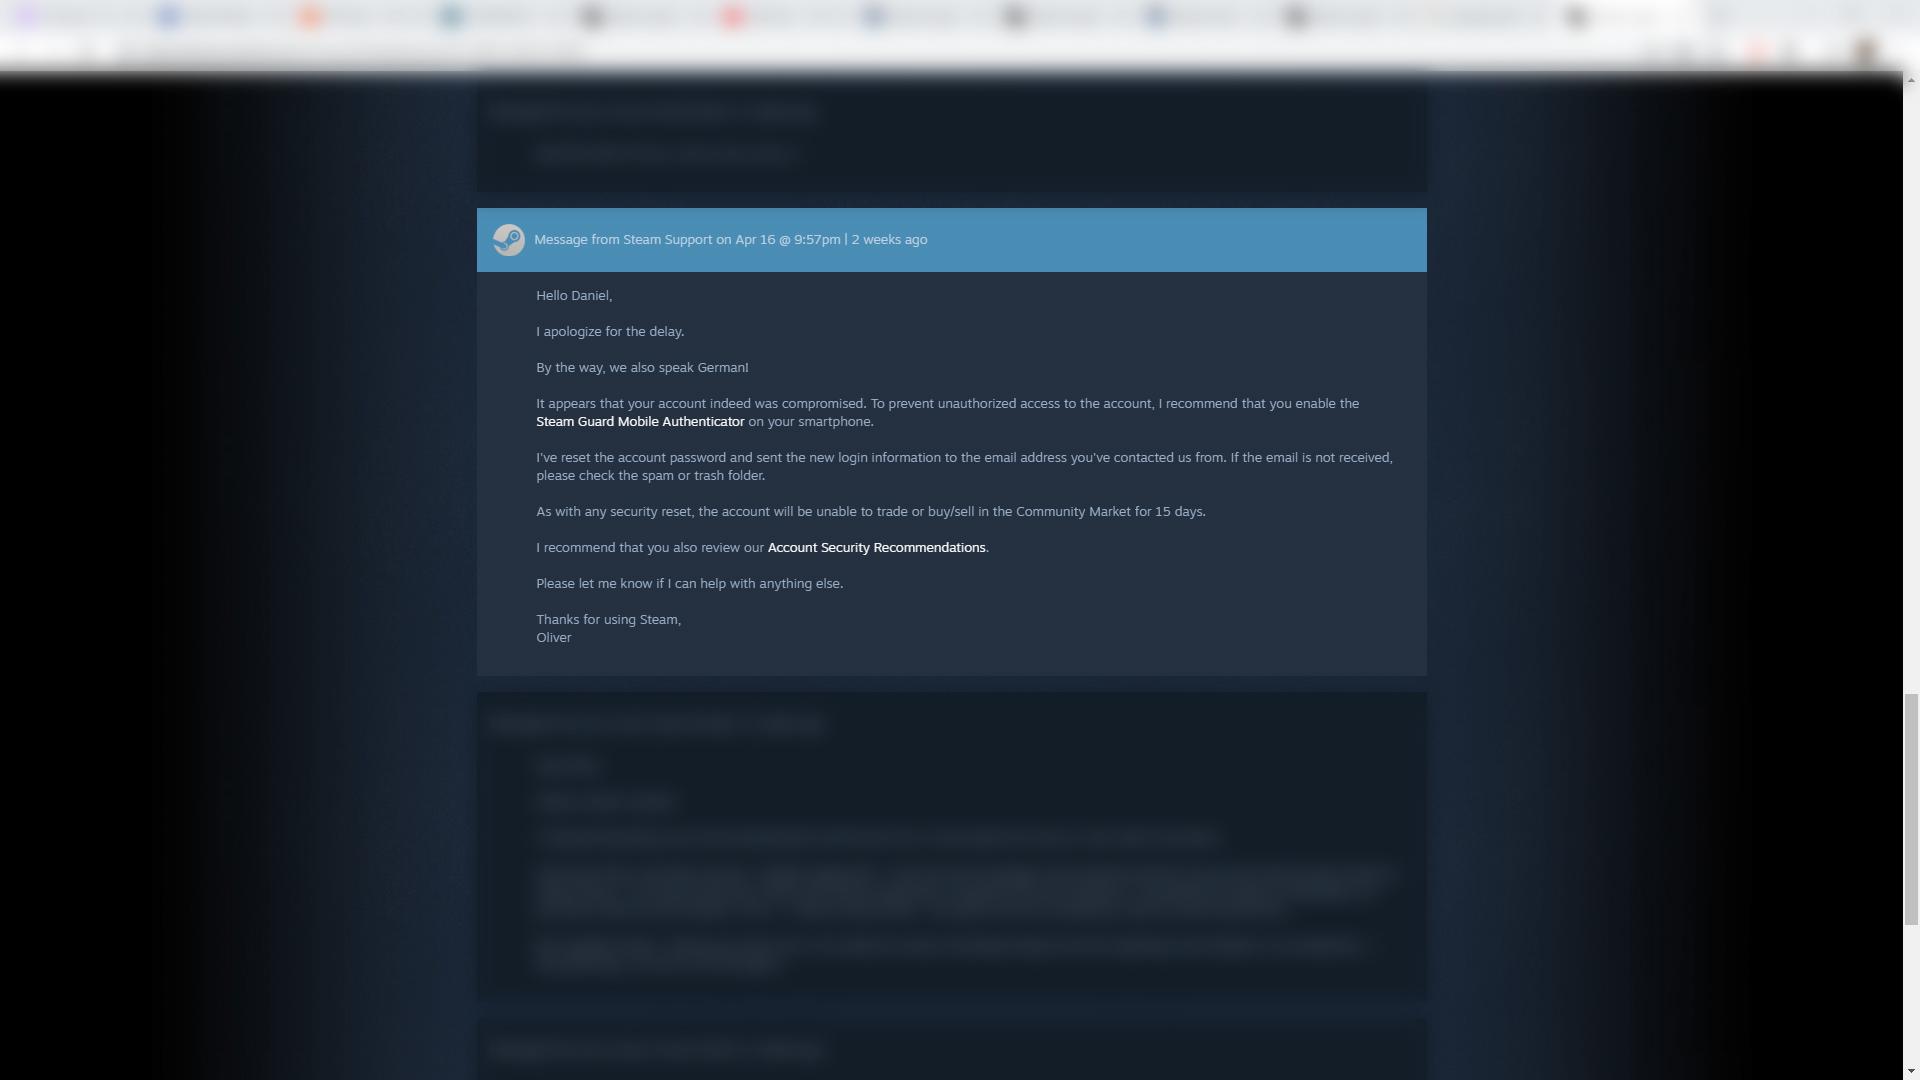 Steam Support Wartezeit